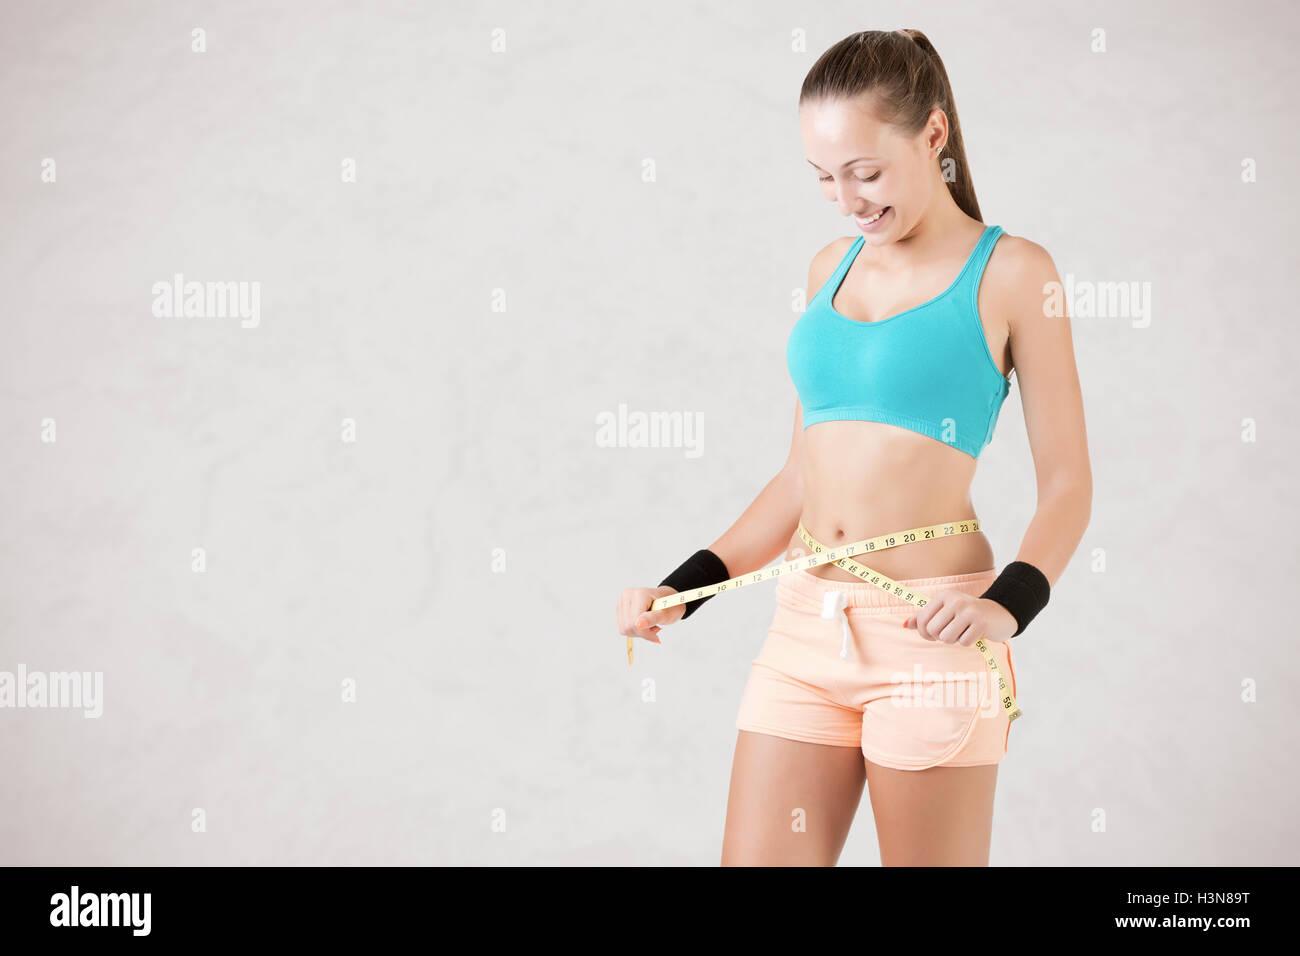 Mujer midiendo su cintura con una cinta de medición amarilla, aislado en blanco Imagen De Stock